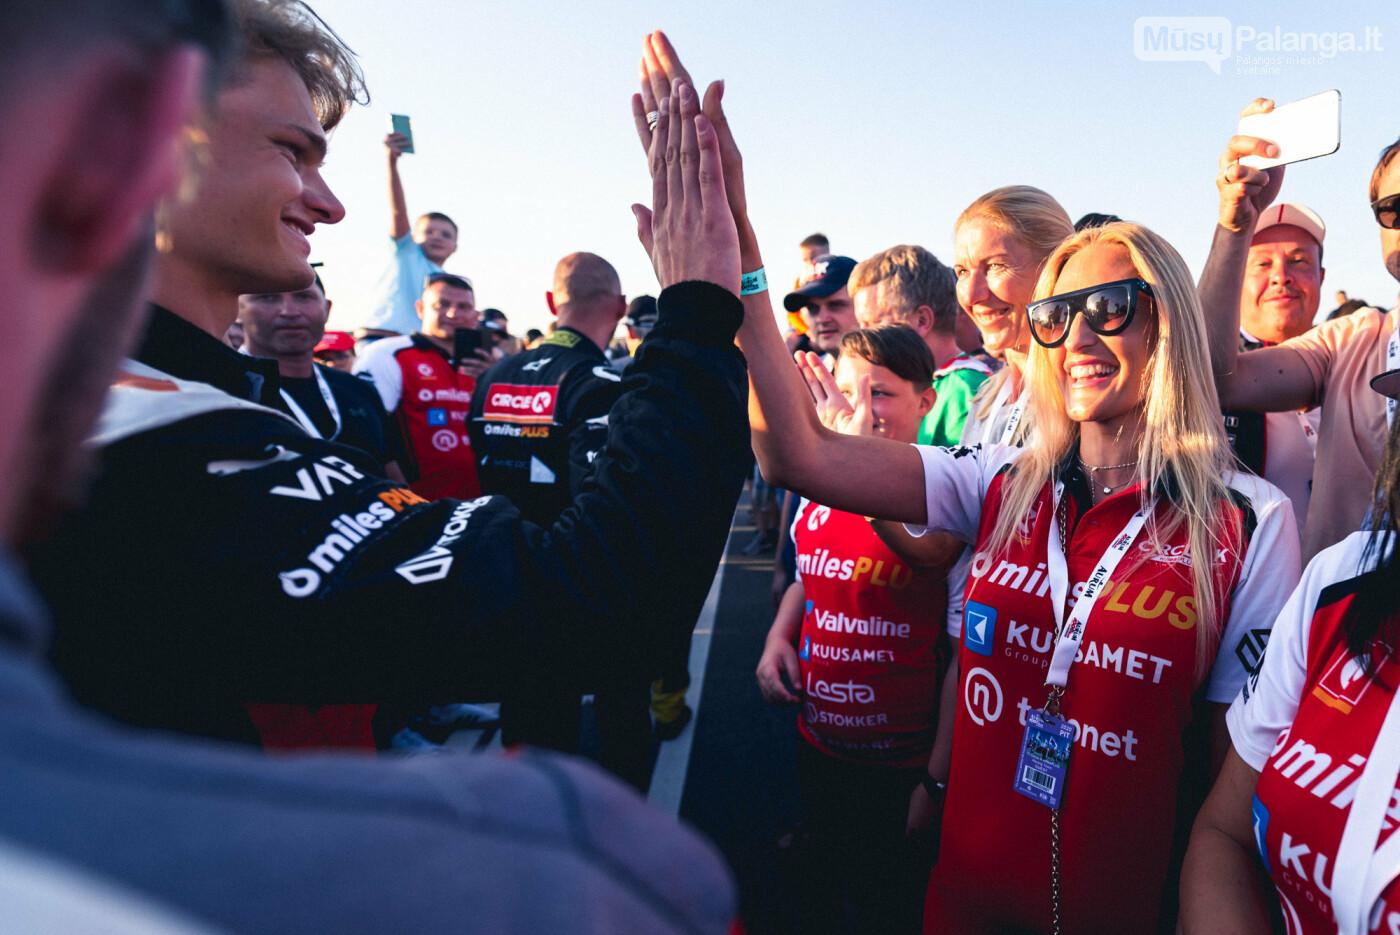 """""""Aurum 1006 km"""" lenktynėse Palangoje – praėjusių metų nugalėtojų triumfas , nuotrauka-16, Vytauto PILKAUSKO ir Arno STRUMILOS nuotr."""